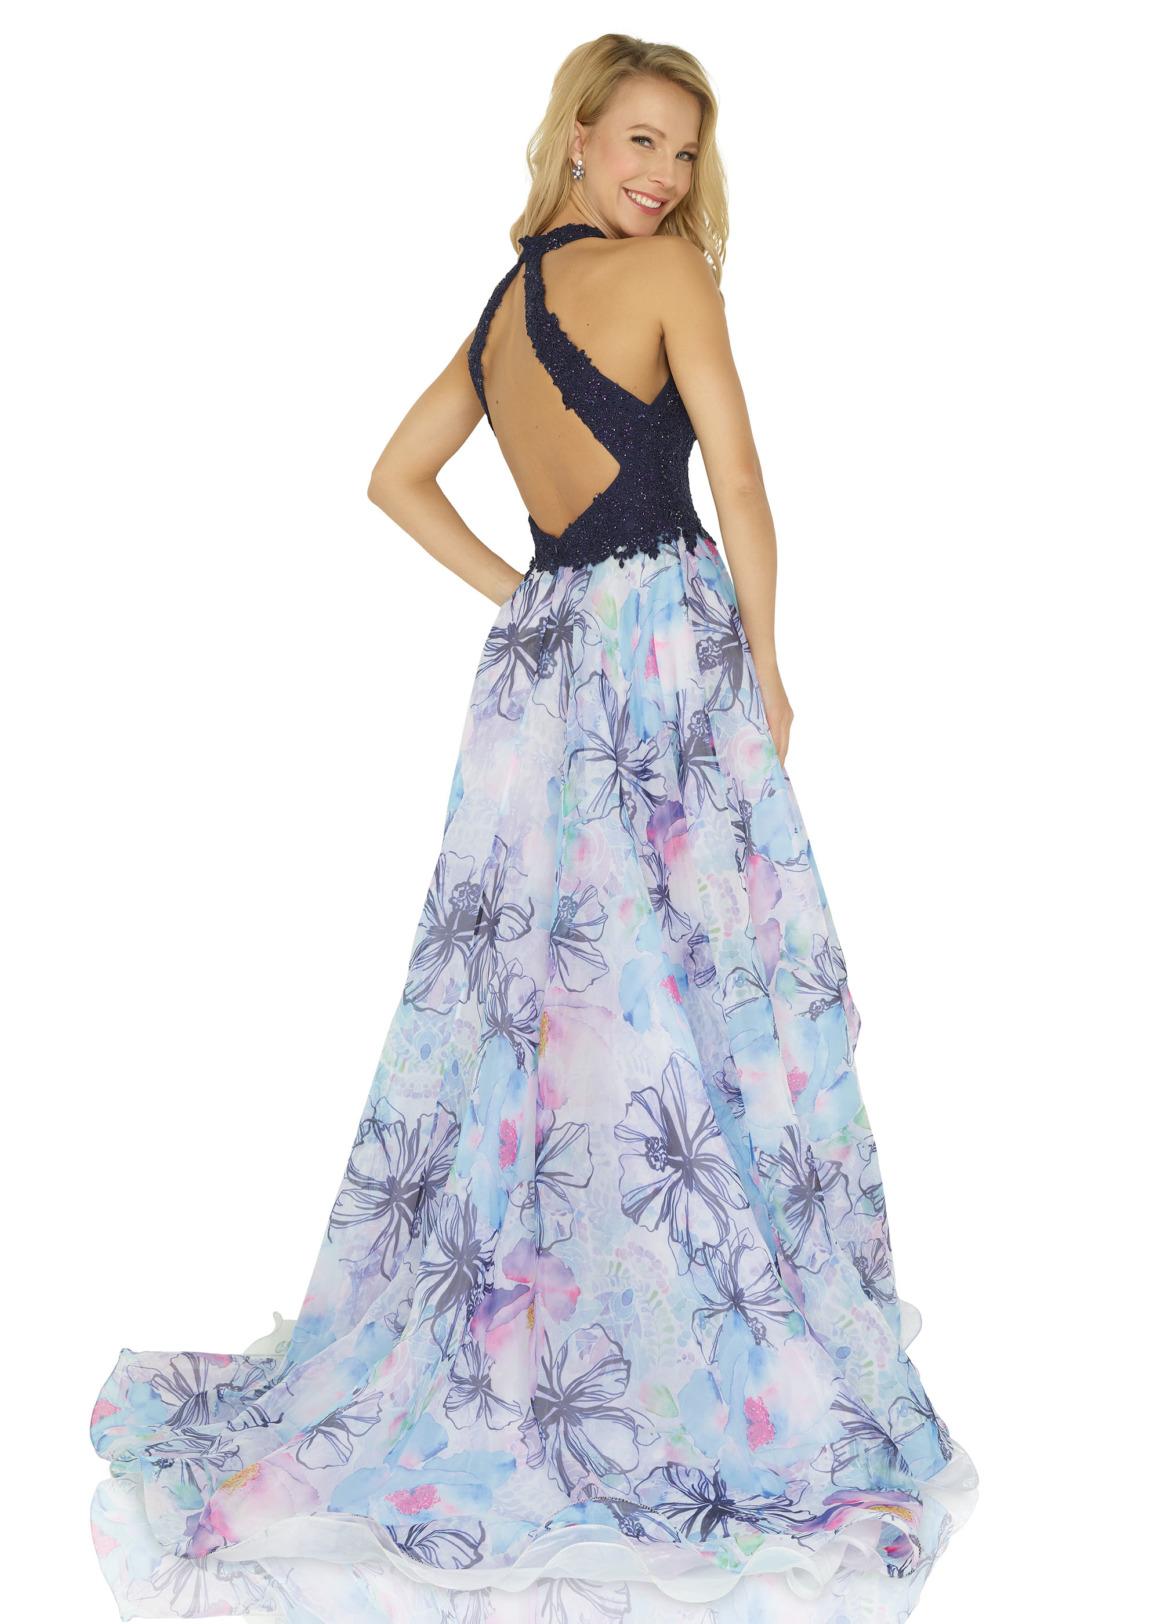 Ballkleid Festmode Anlass Mode langes Kleid Oberteil mit Perlen Neckholder navy blau dunkelblau Rock Chiffon mit Blumendruck vokuhila  Rückenausschnitt